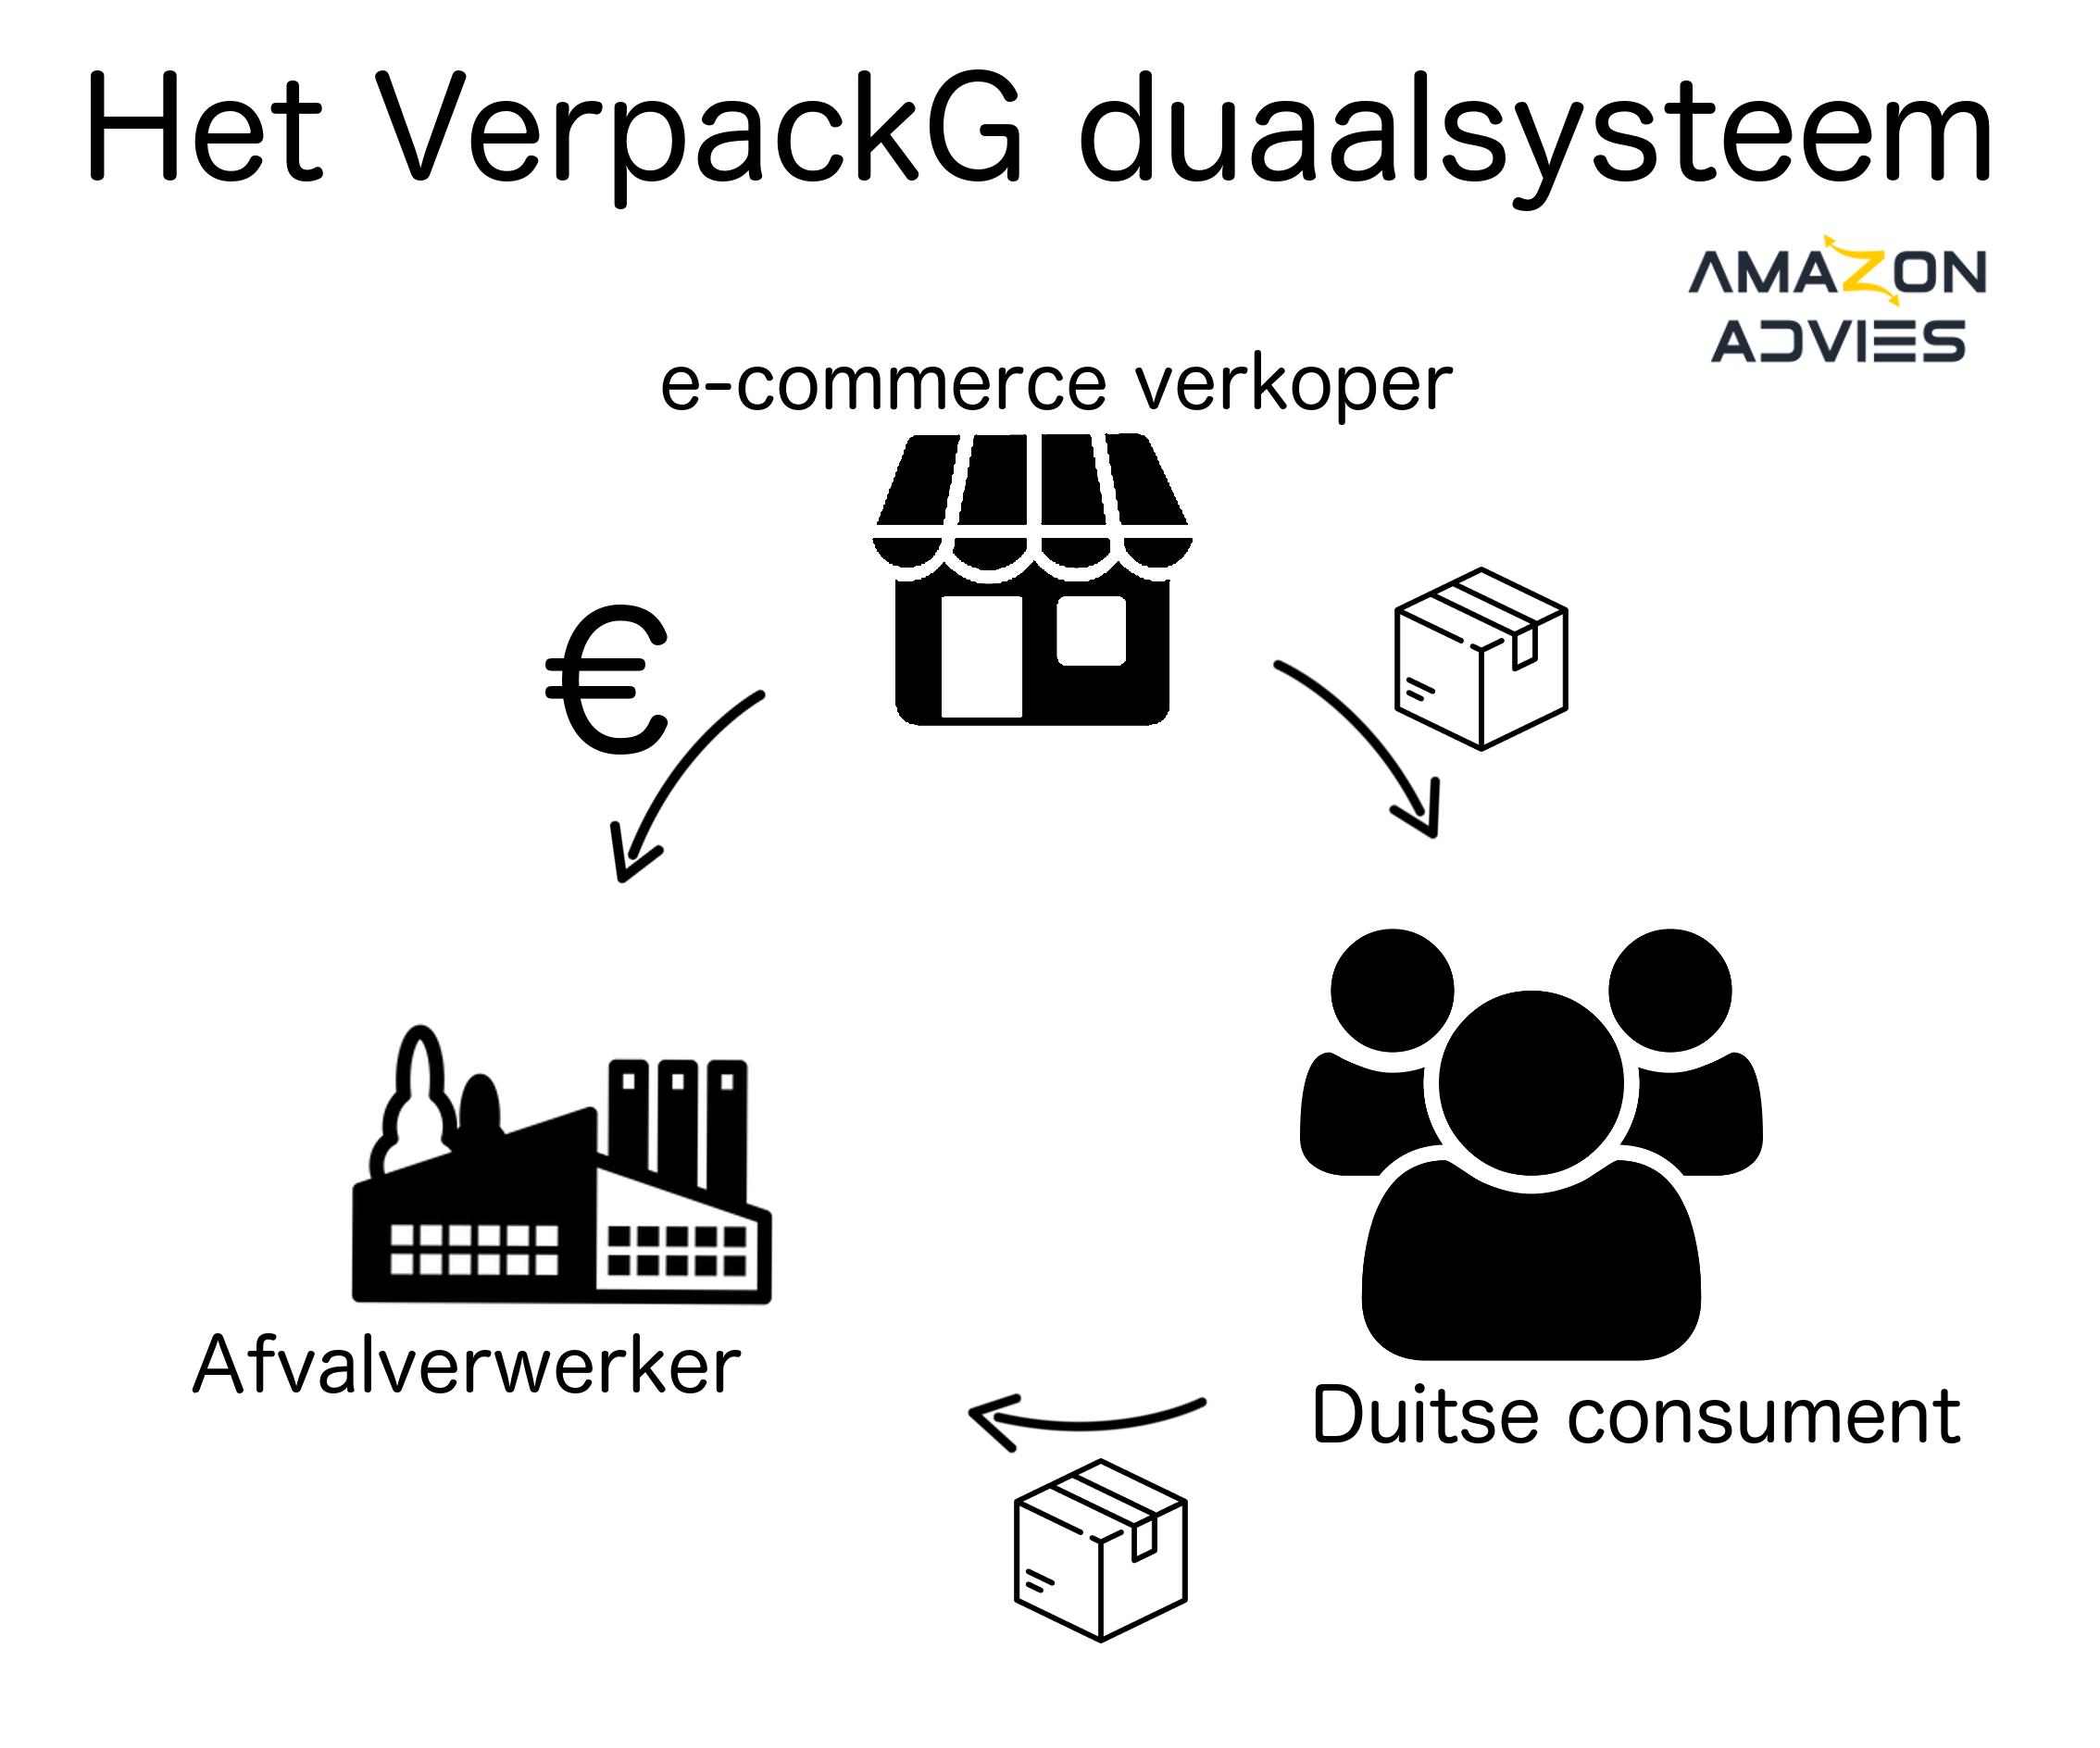 VerpackG wetgeving duaal systeem